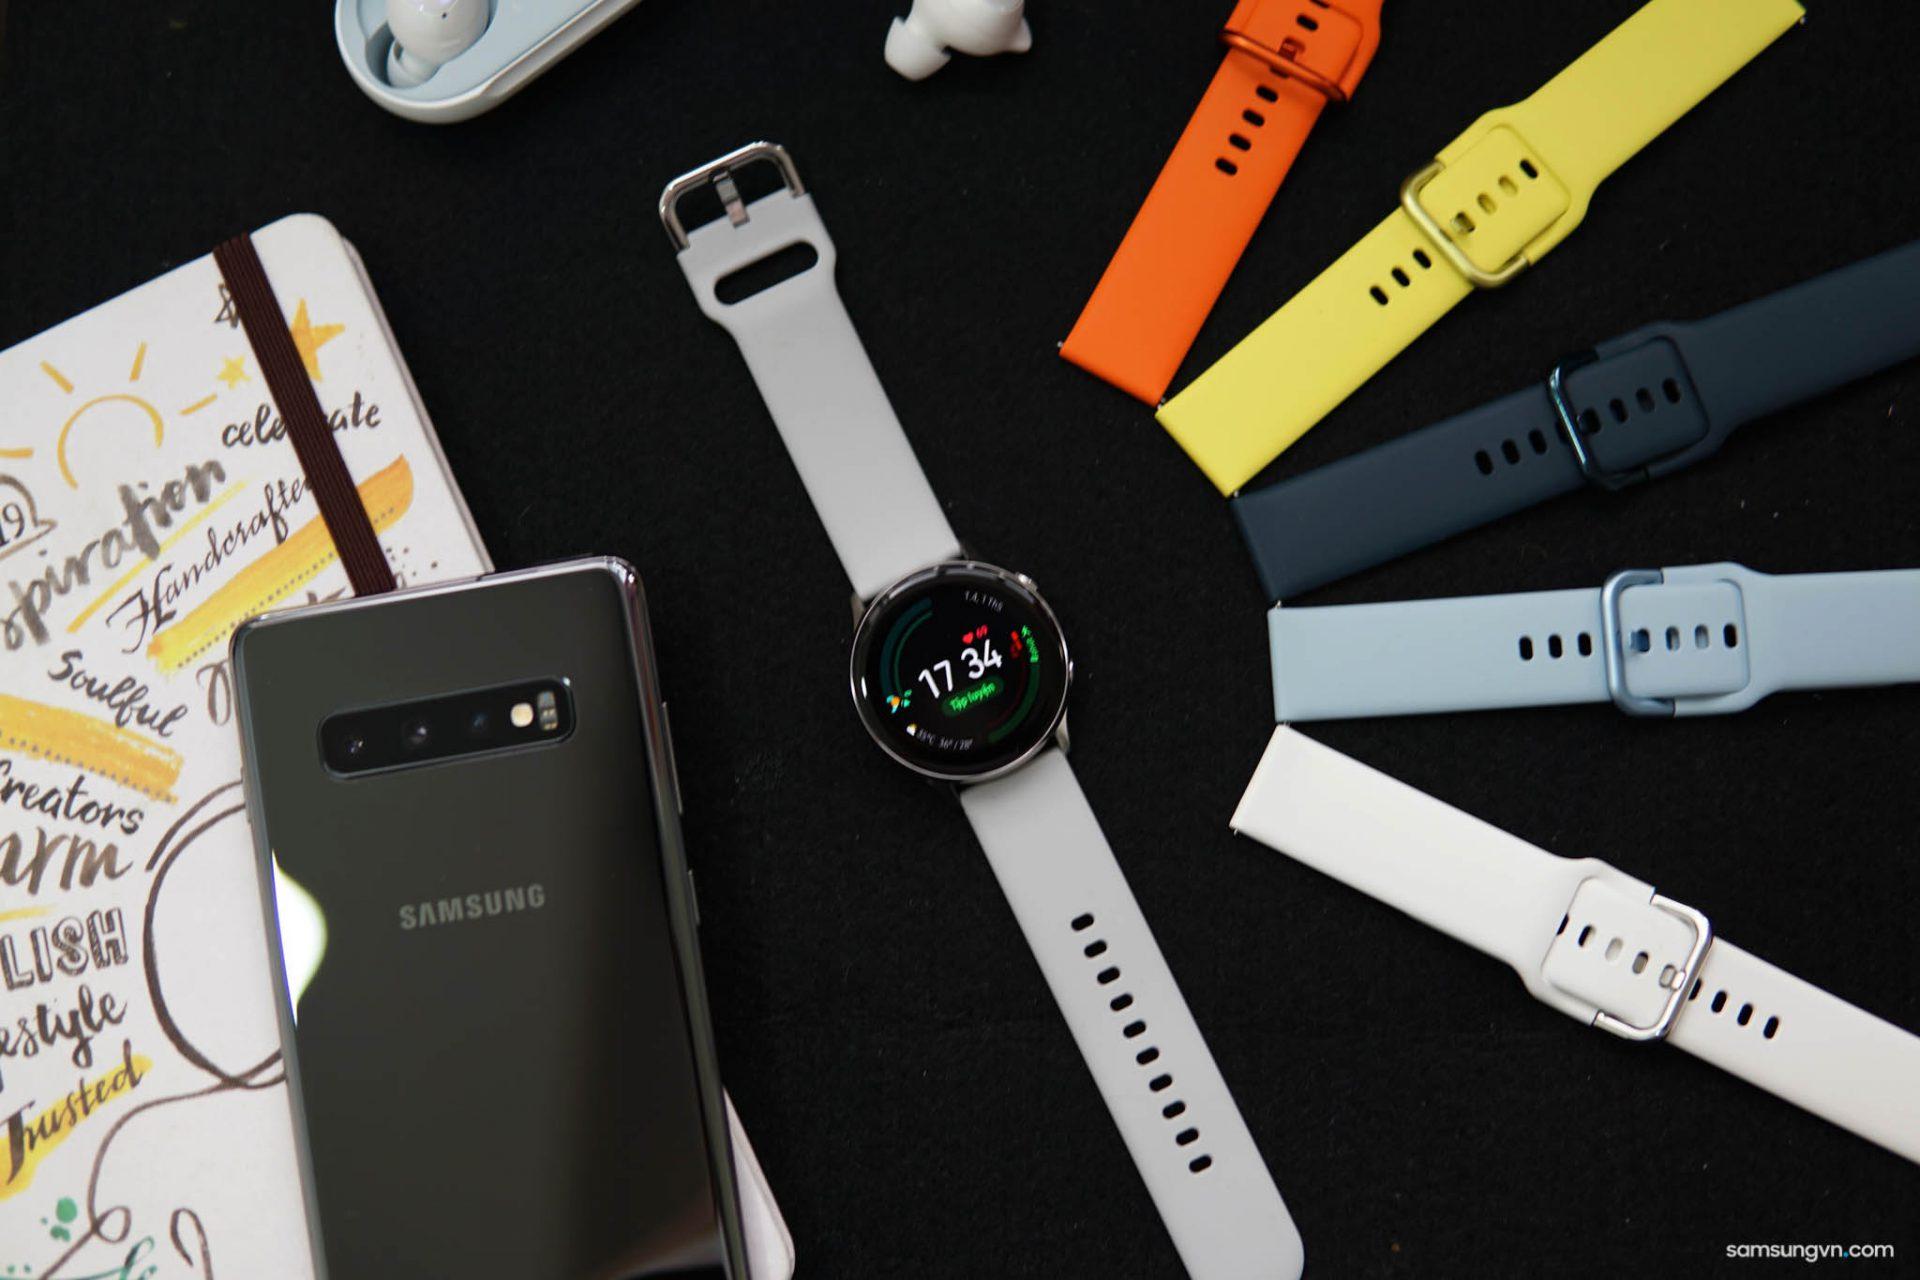 Cận cảnh Bộ dây đeo Sport Band cho Galaxy Watch Active: chuẩn 20mm, nhiều tuỳ chọn màu sắc năng động